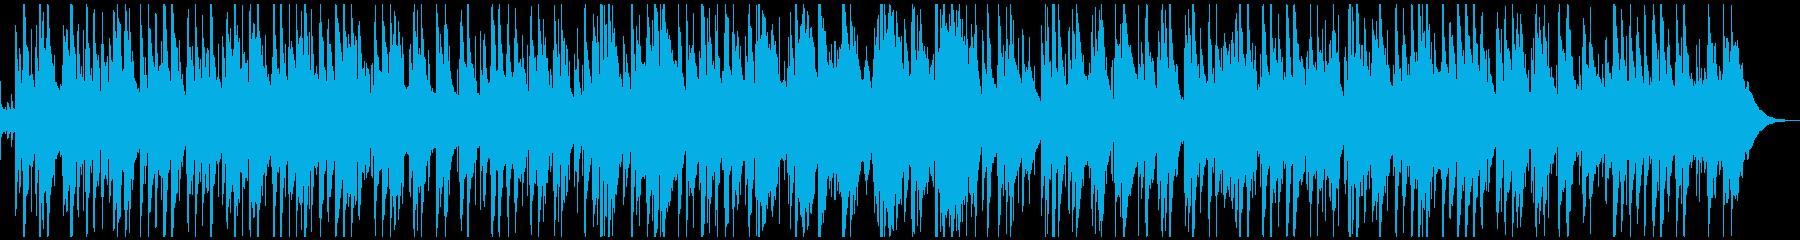 クリスマス曲・まきびとひつじを・ジャズの再生済みの波形